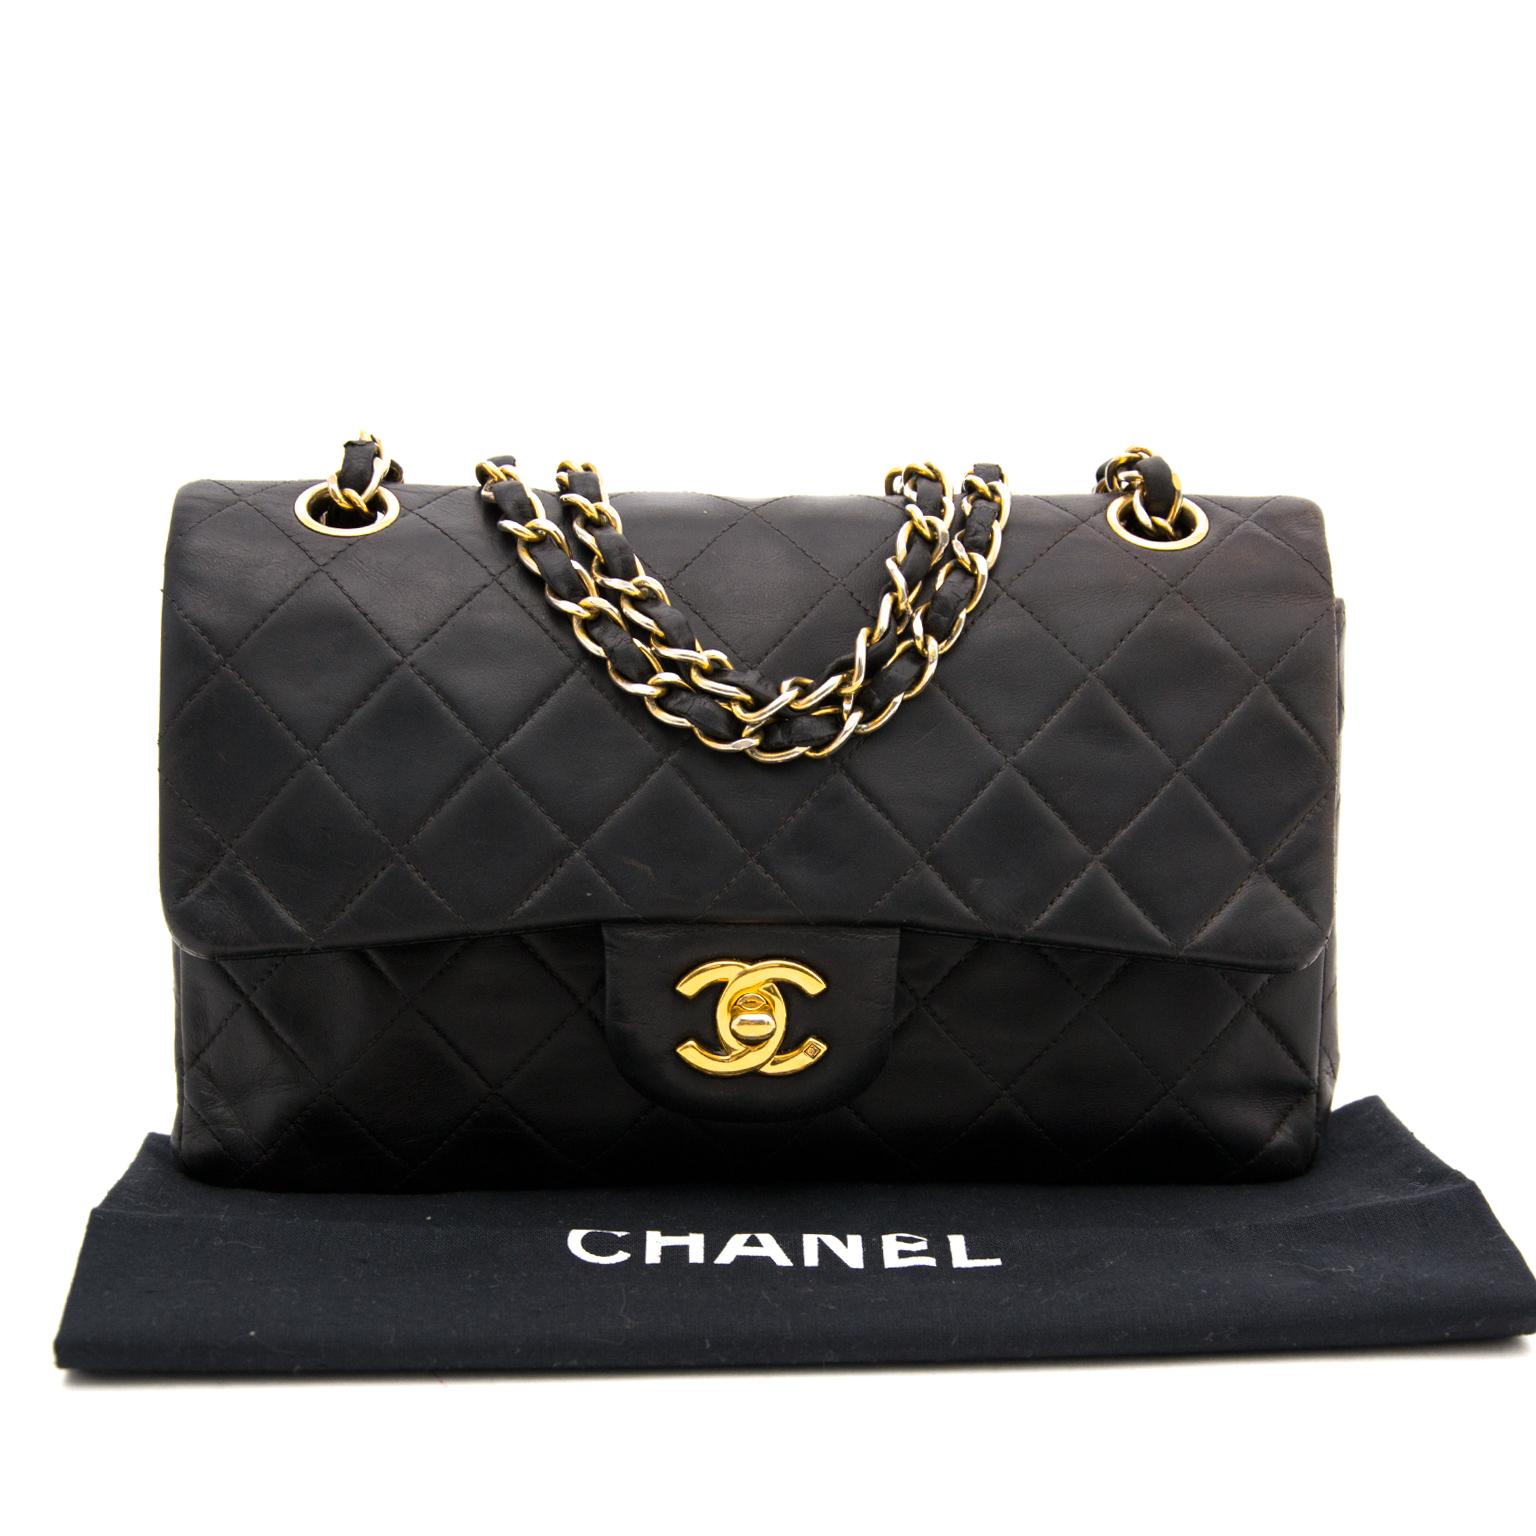 59ac1ad69a5d ... shop safe online secondhand designer secondhand Chanel Black Vintage  Double Classic Flap Bag